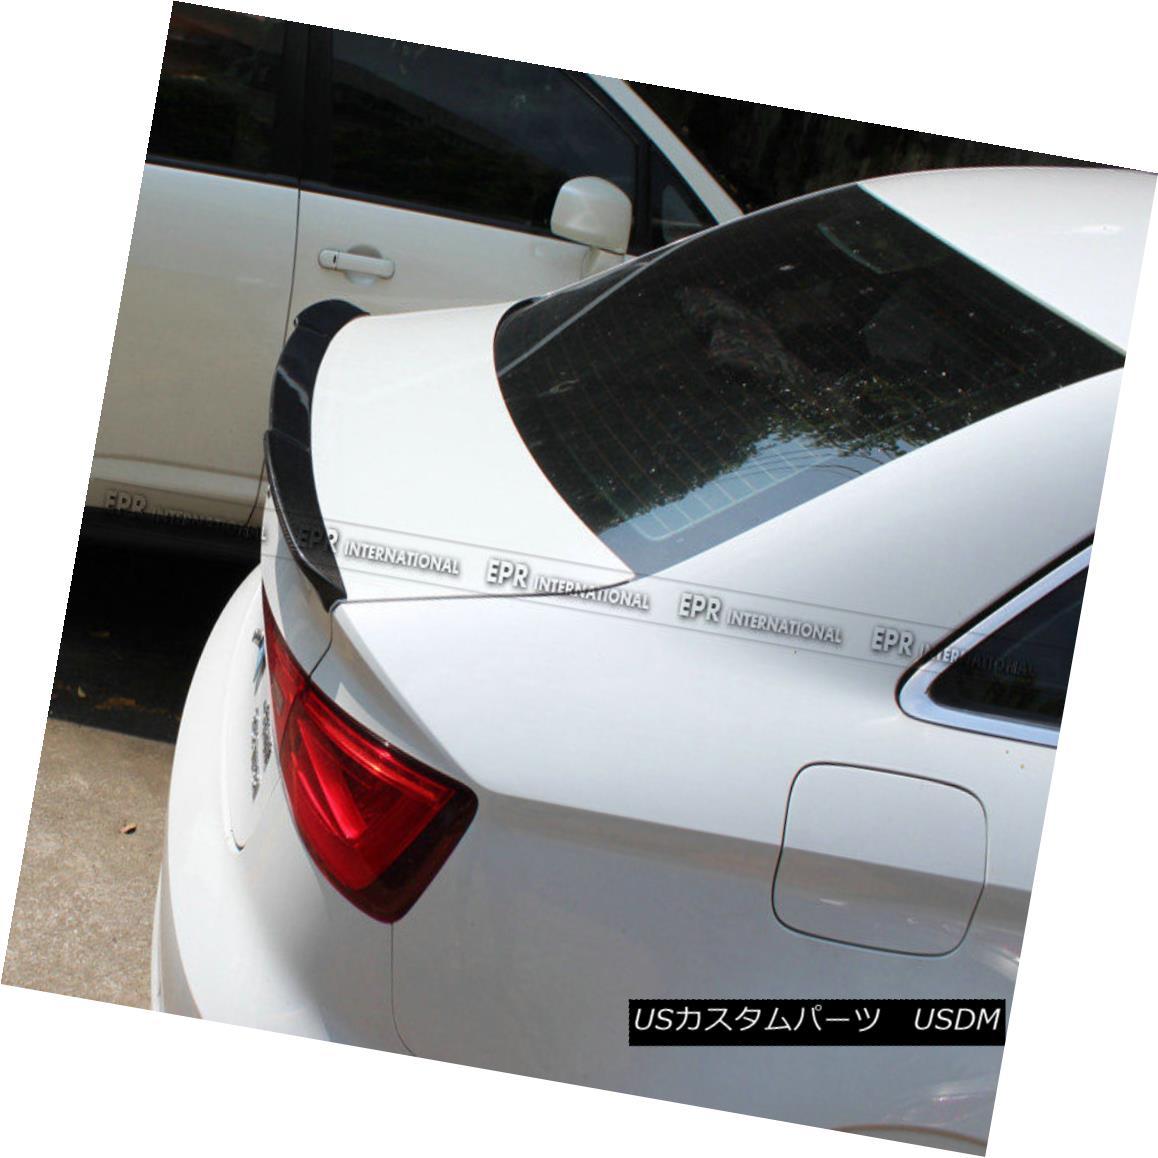 数量限定価格!! エアロパーツ For Audi A3 Sedan V Sedan Style エアロパーツ 13-17 Carbon Spoiler Fiber Rear Trunk Spoiler Boot Lip Wing アウディA3セダンVスタイル13-17カーボンファイバーリアトランクスポイラーブーツリップウイング用, IMPORTBRAND JP:02b72866 --- esef.localized.me